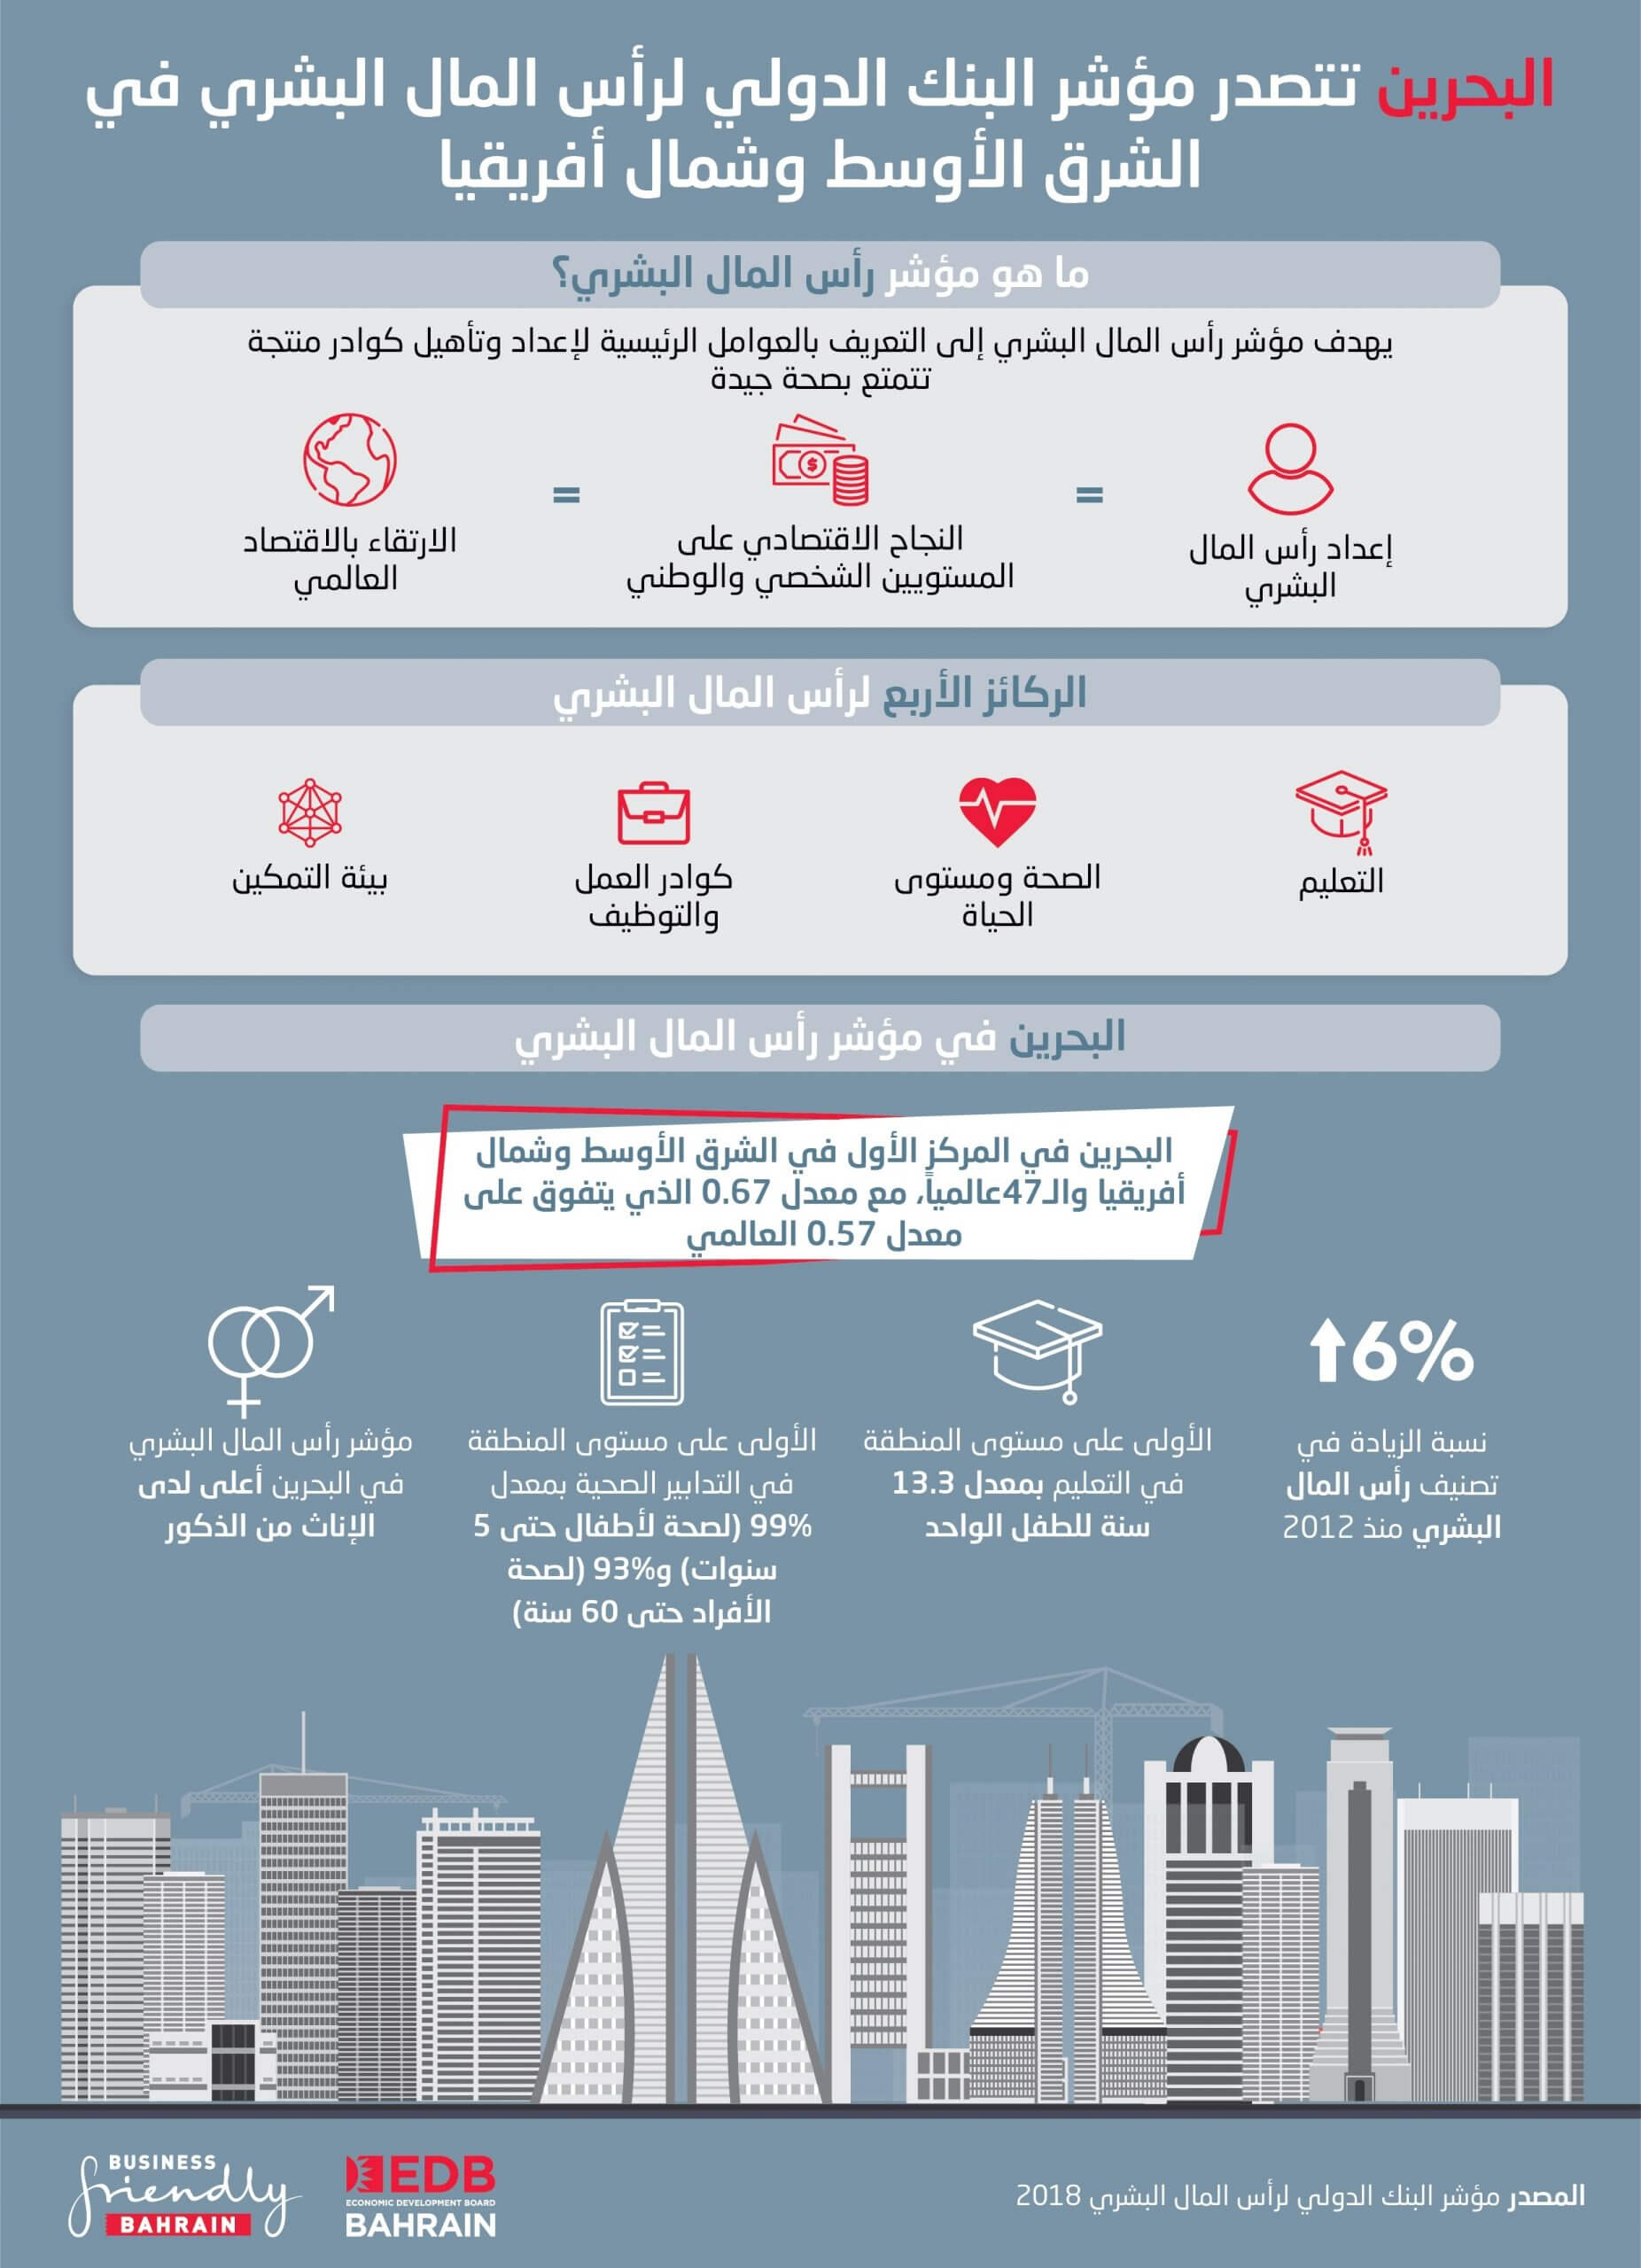 البحرين تتصدر مؤشر البنك الدولي لرأس المال البشري في الشرق الأوسط وشمال أفريقيا